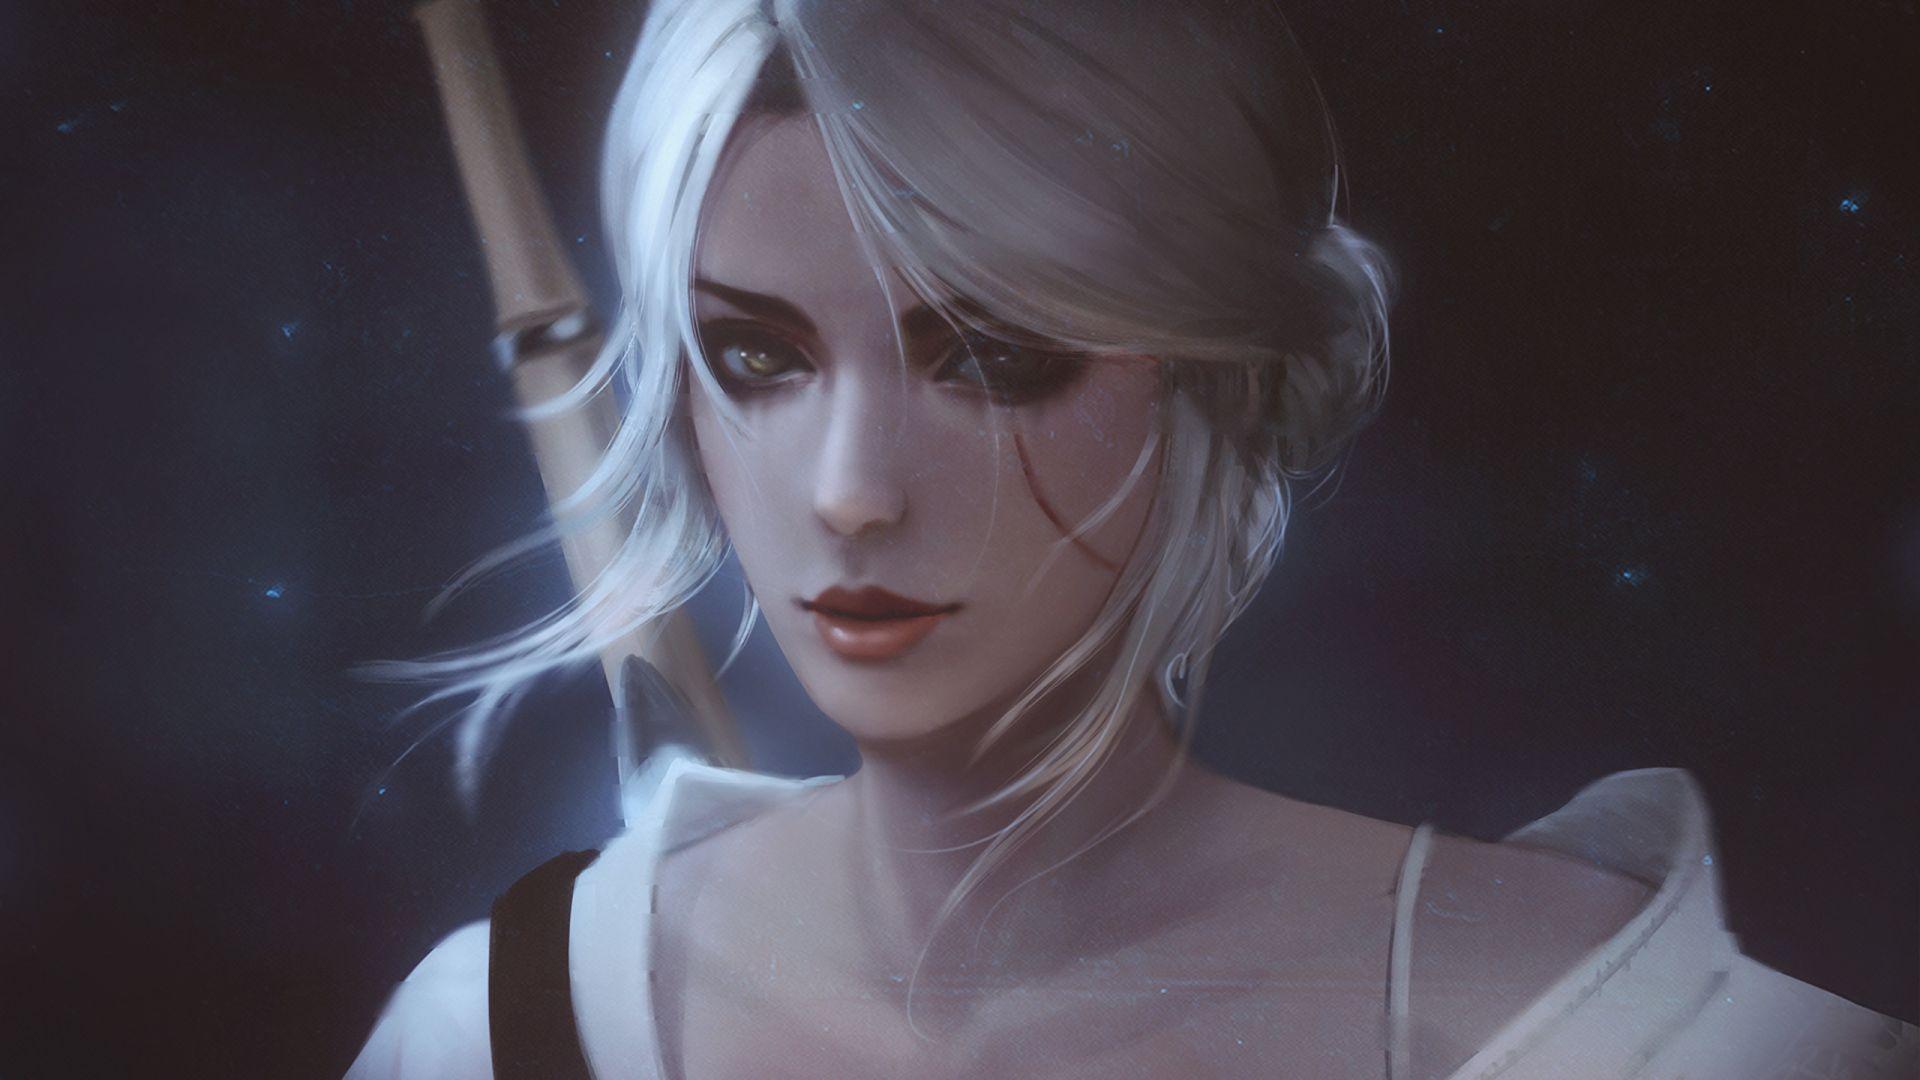 Witcher Ciri art, Image